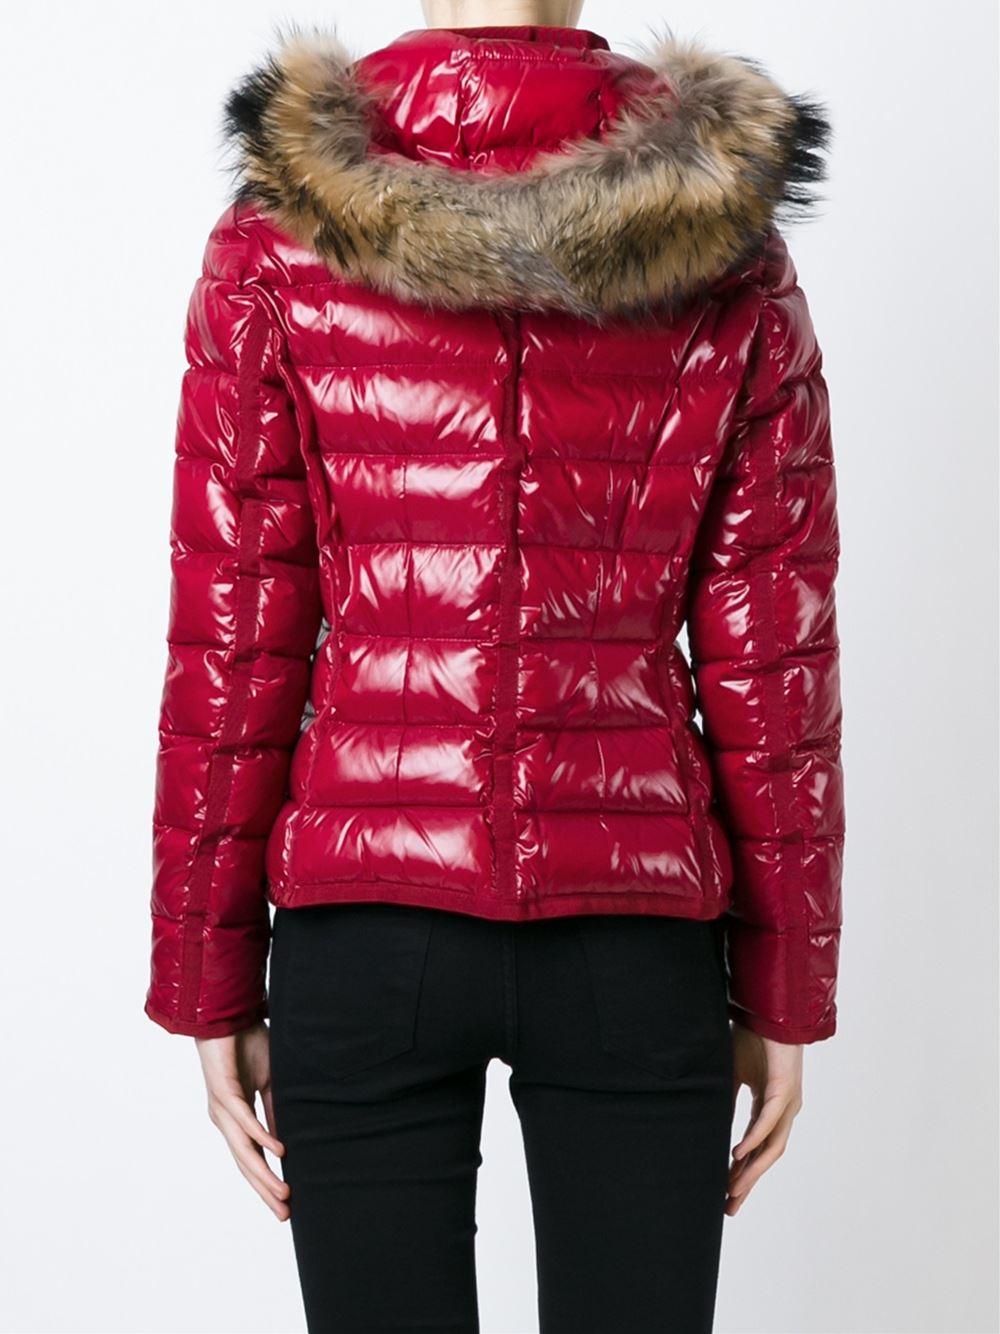 Red Moncler Jacket Fur Hood